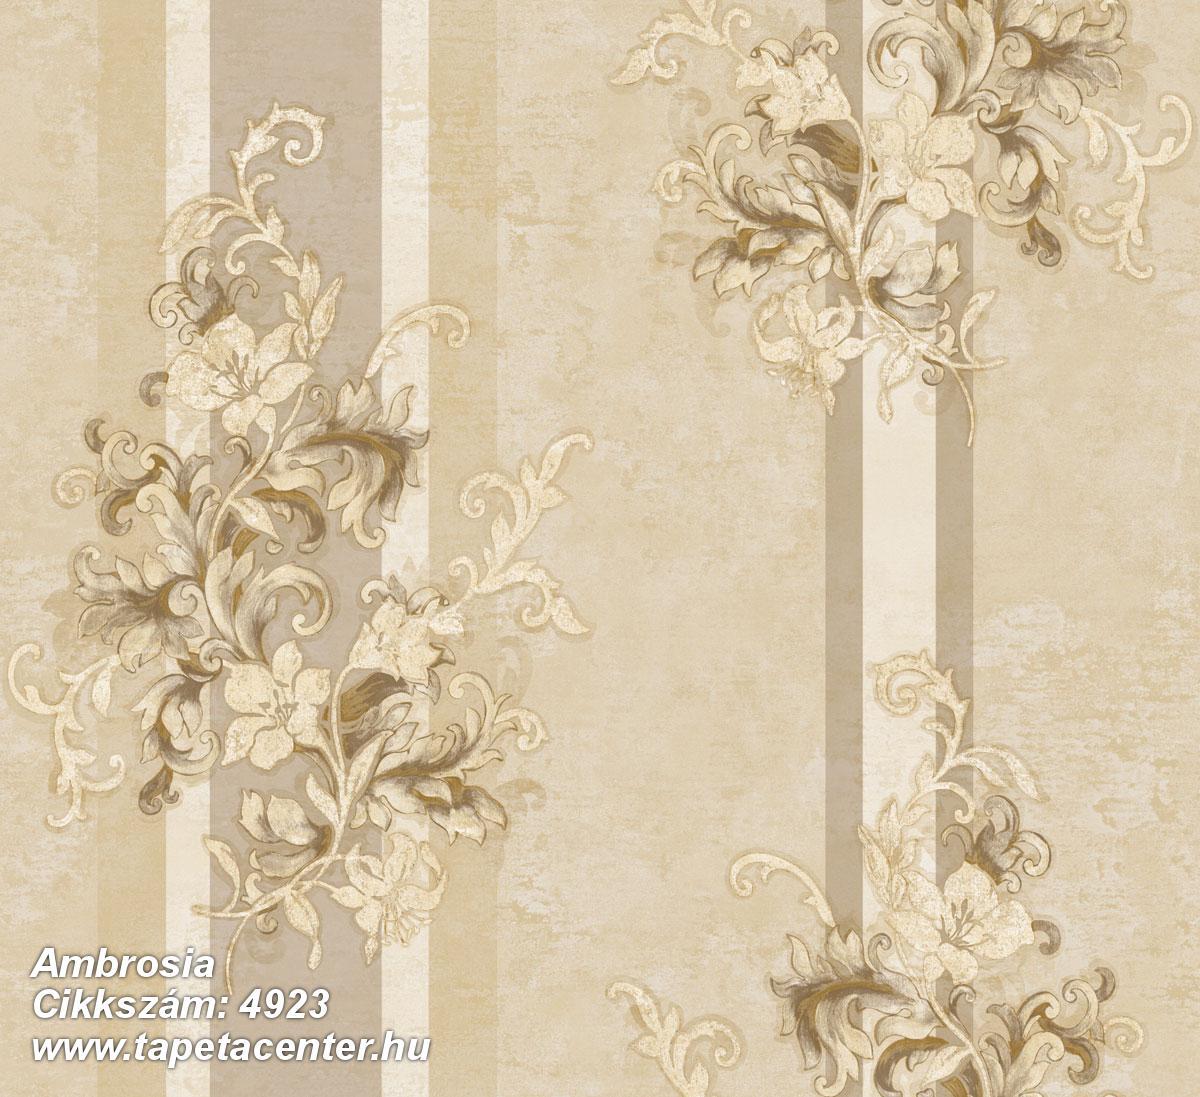 Barokk-klasszikus,csíkos,természeti mintás,textil hatású,virágmintás,arany,barna,bézs-drapp,súrolható,vlies tapéta